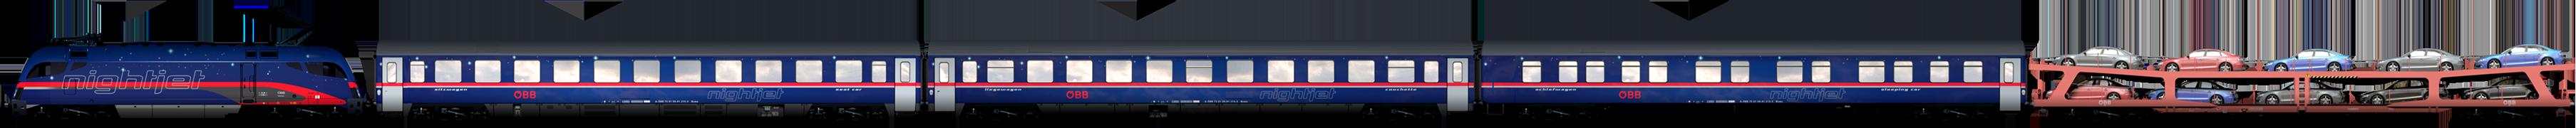 Nightjet zitplaatsen, ligplaatsen, slaapplaatsen, autowagong ©ÖBB